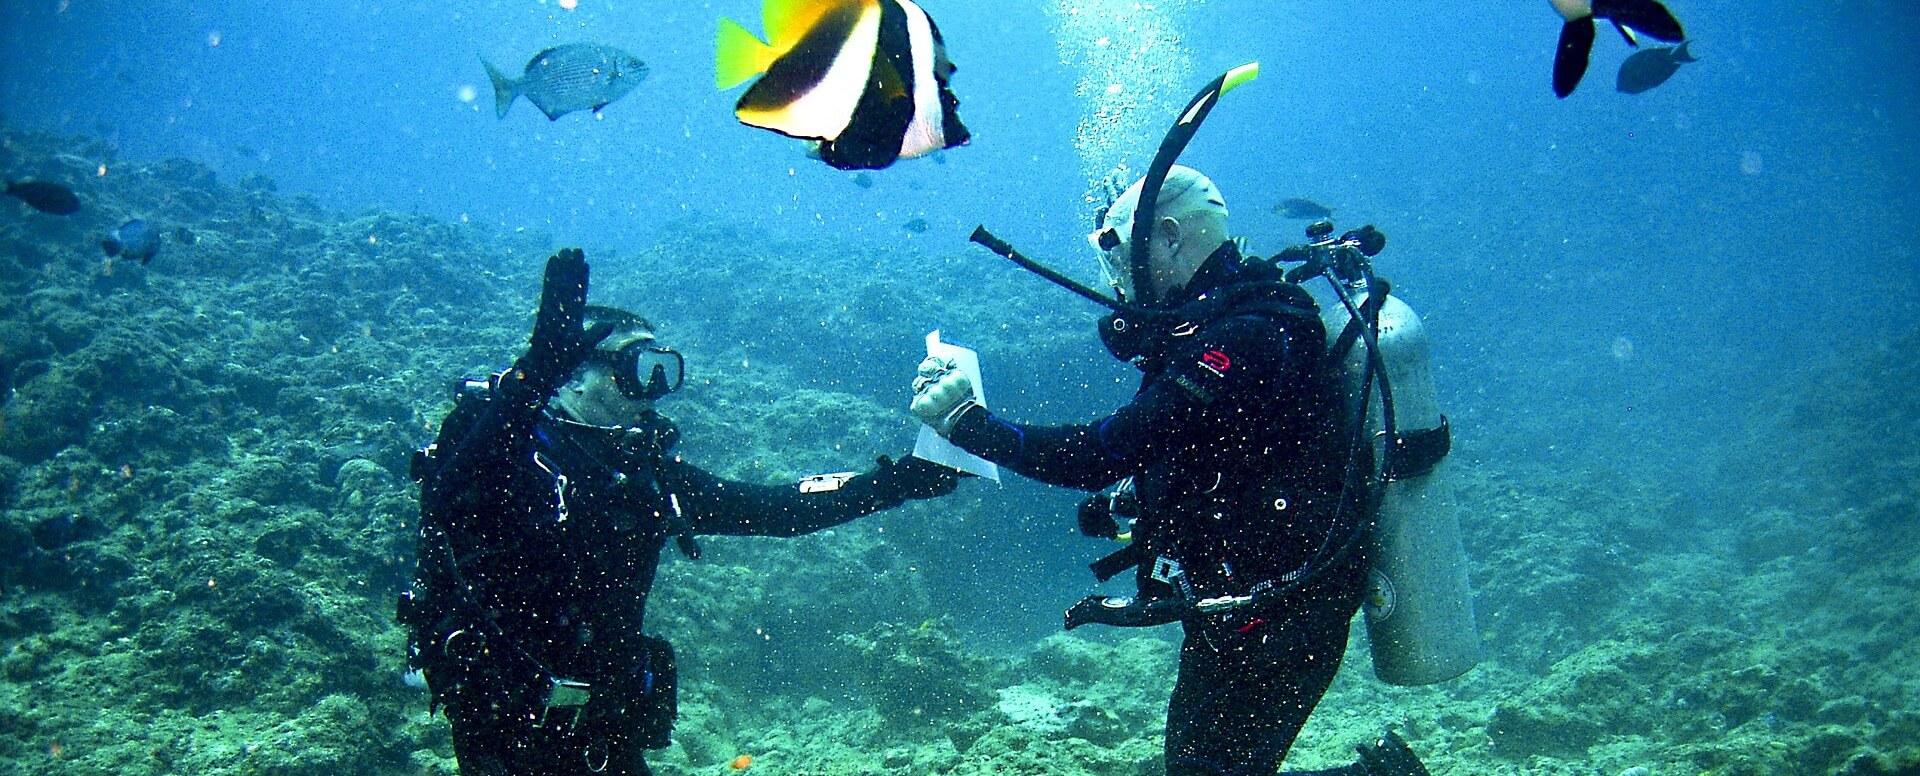 Plongée sous-marine - Sardaigne